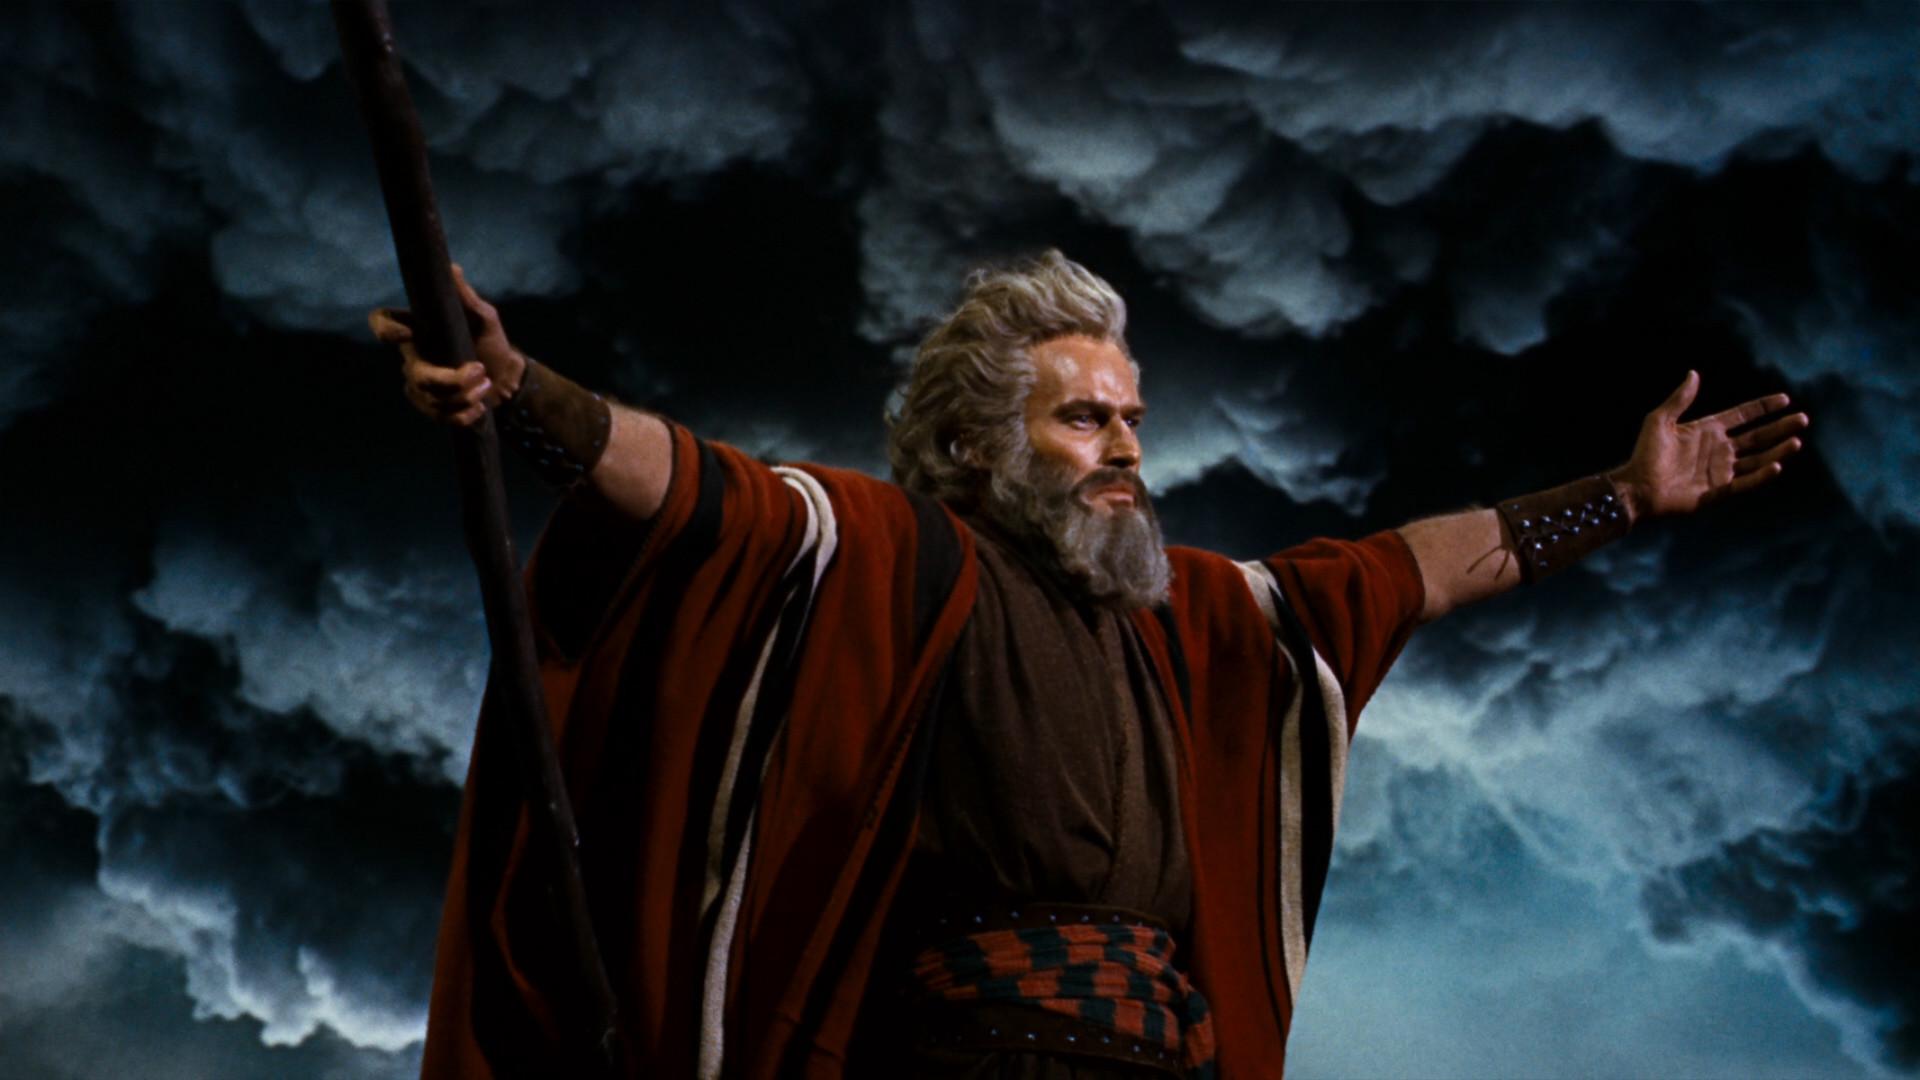 Charlton Hestonin näyttelemä Mooses vie israelilaiset orjuudesta kohti Luvattua maata ensimmäisenä pääsiäisenä elokuvassa Kymmenen käskyä (1956).